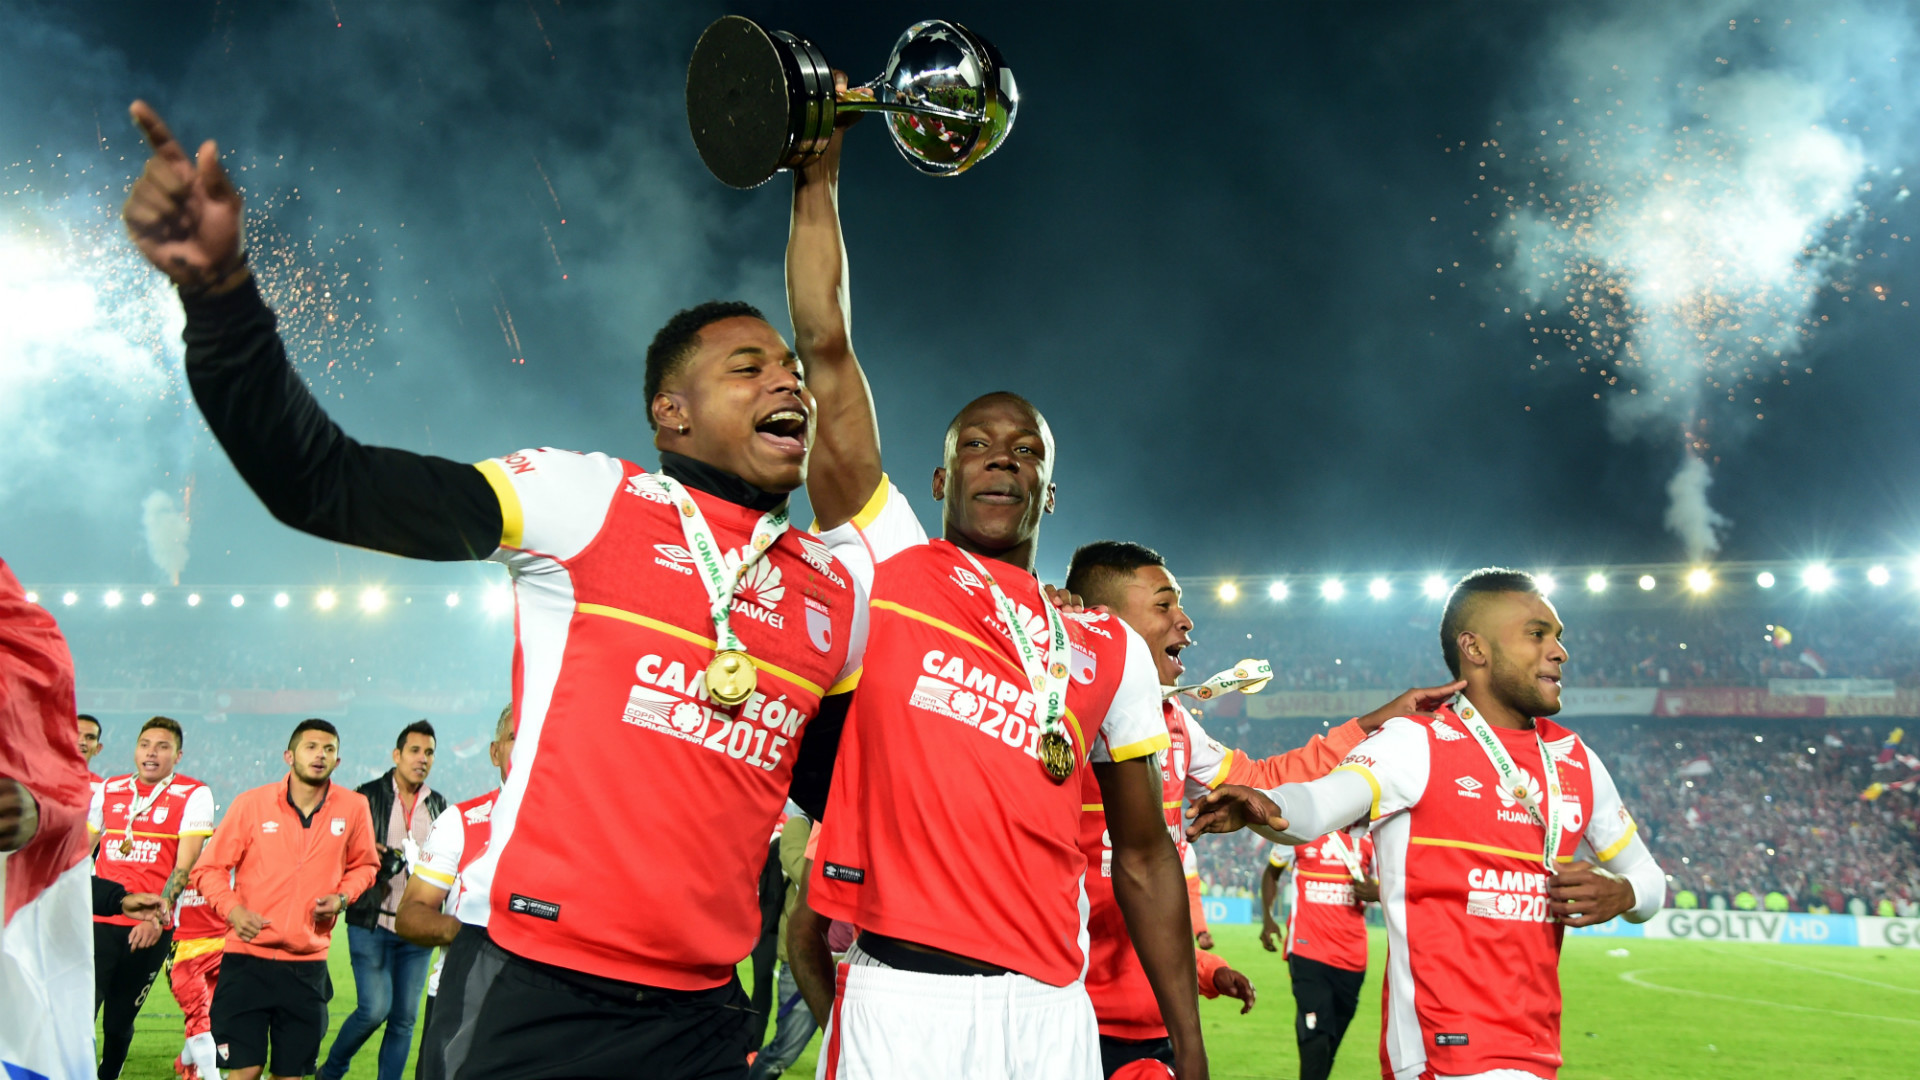 Santa Fe campeón Copa Sudamericana 2015